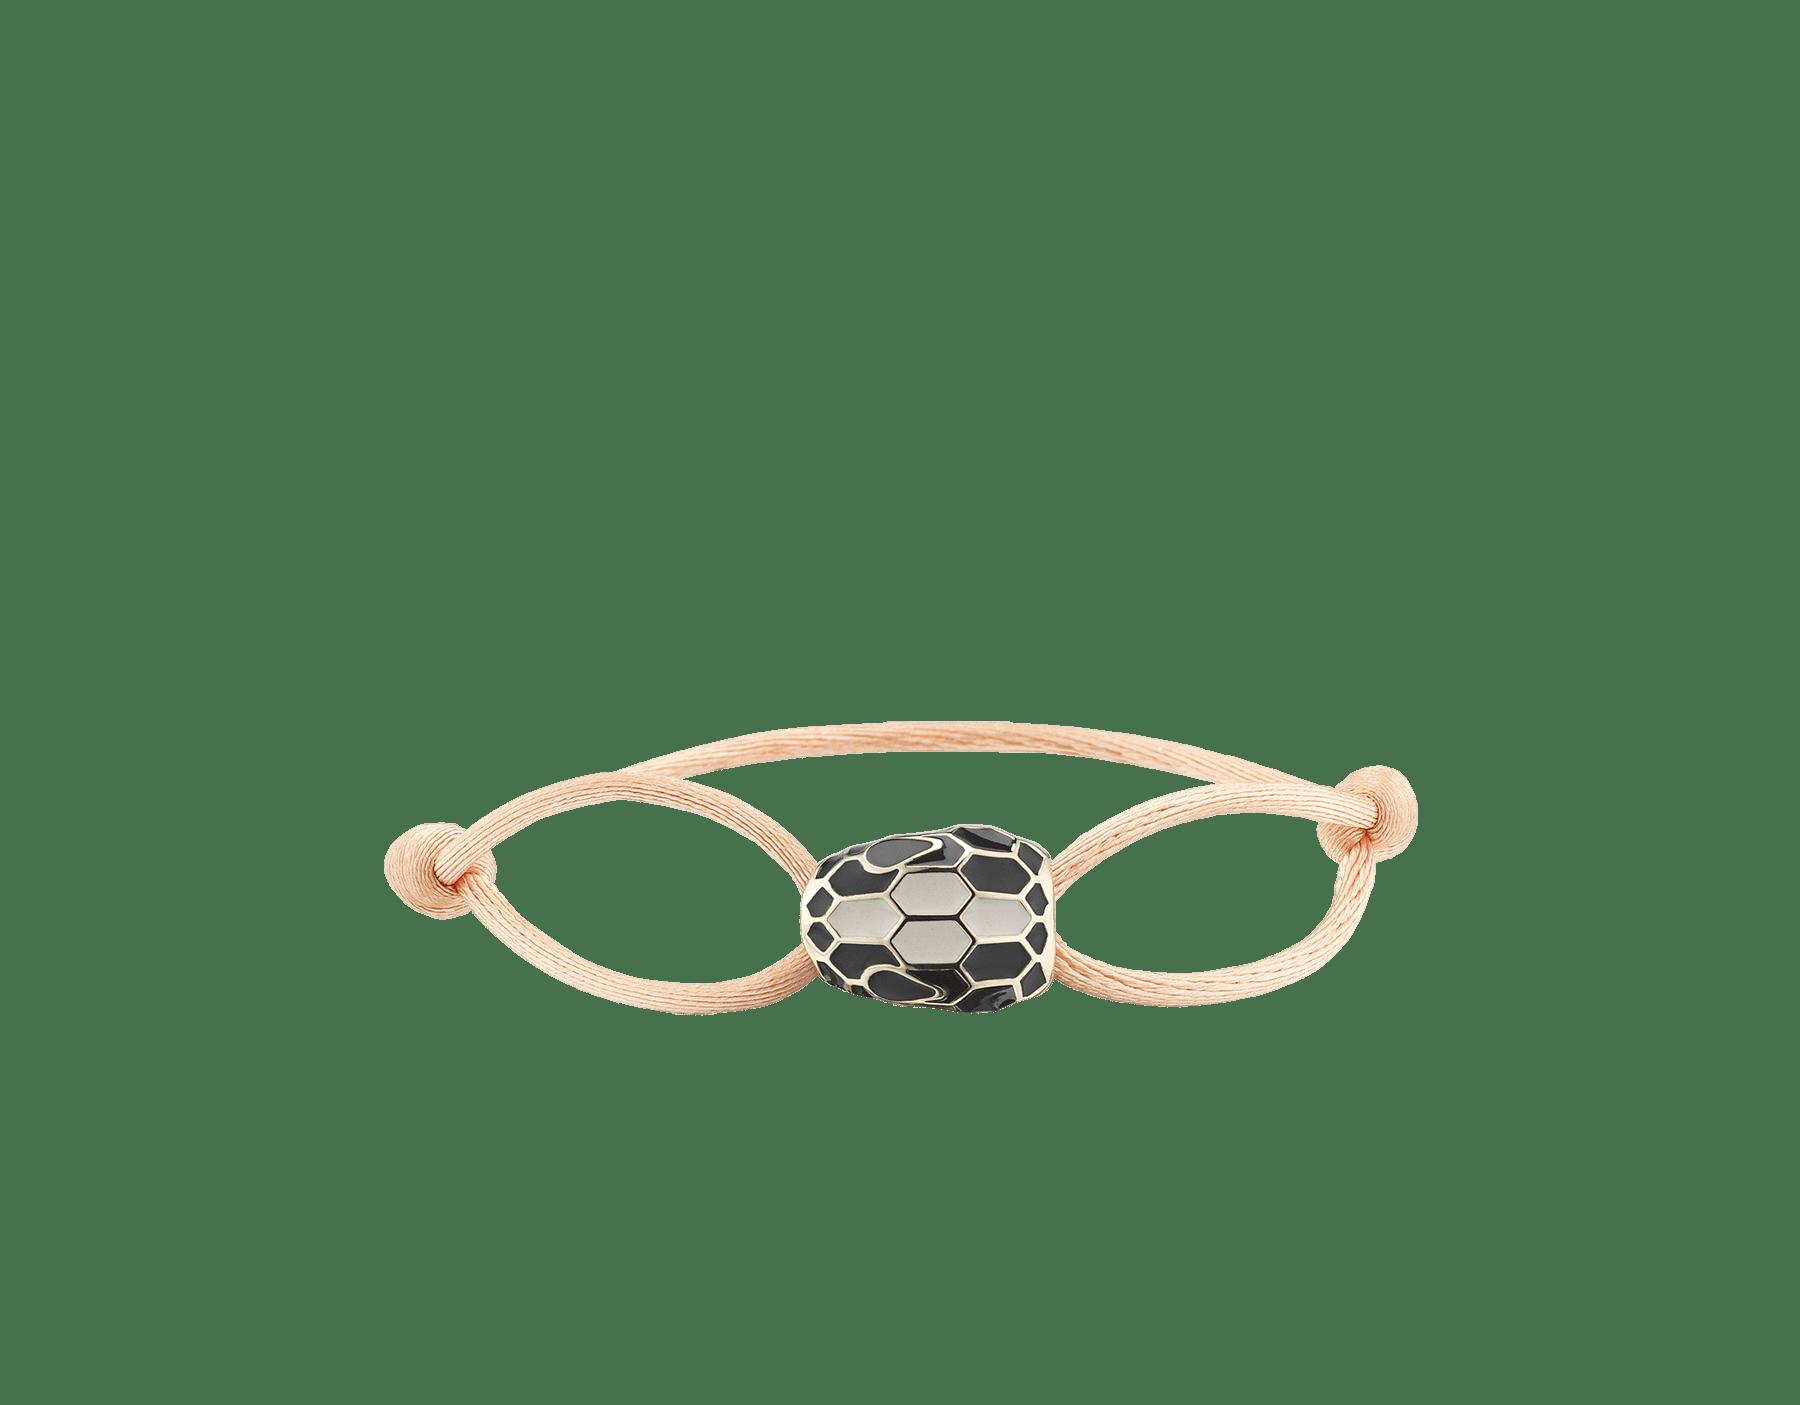 Браслет Serpenti Forever, ткань красного цвета оттенка Amaranth Garnet, фирменный декор в виде змеиной головы из латуни с покрытием из светлого золота с глазами из черной эмали и отделкой из черной эмали и эмали цвета белого агата. SERP-STRINGa image 1